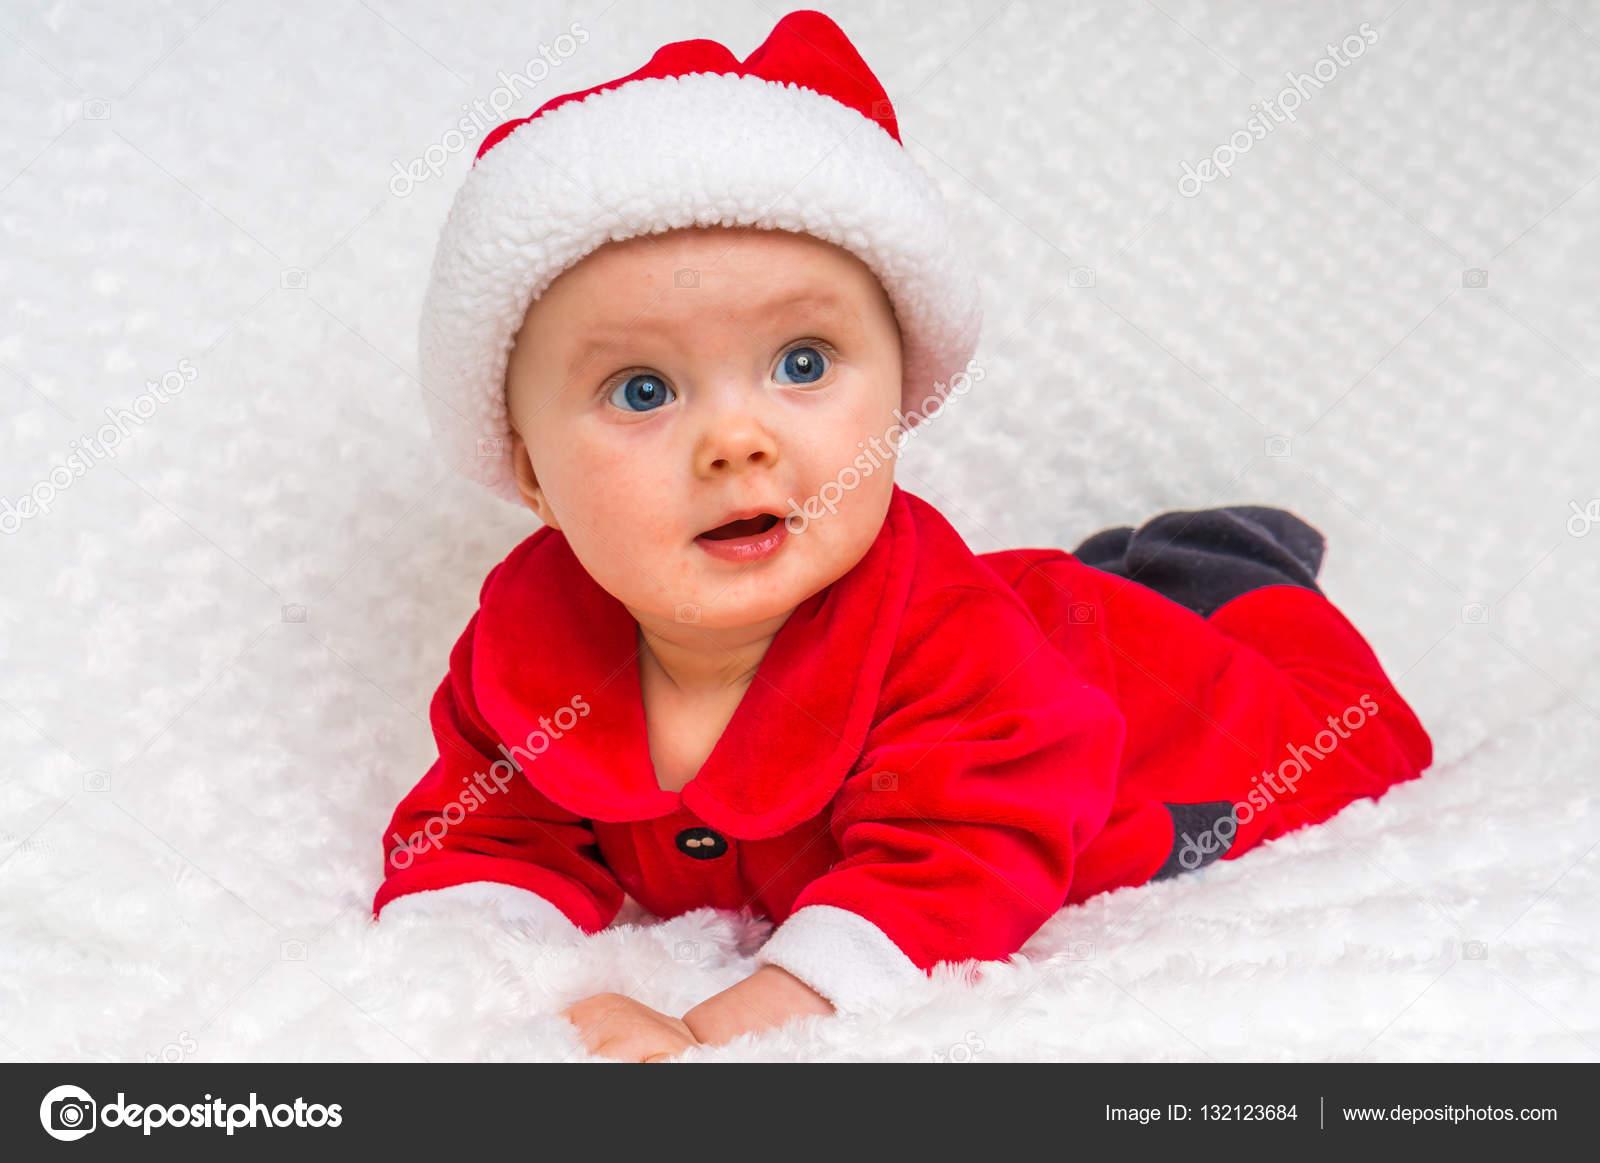 Babykleding Voor Kerst.Grappige Kerst Baby In Santa Claus Kostuum Stockfoto C Andriano Cz